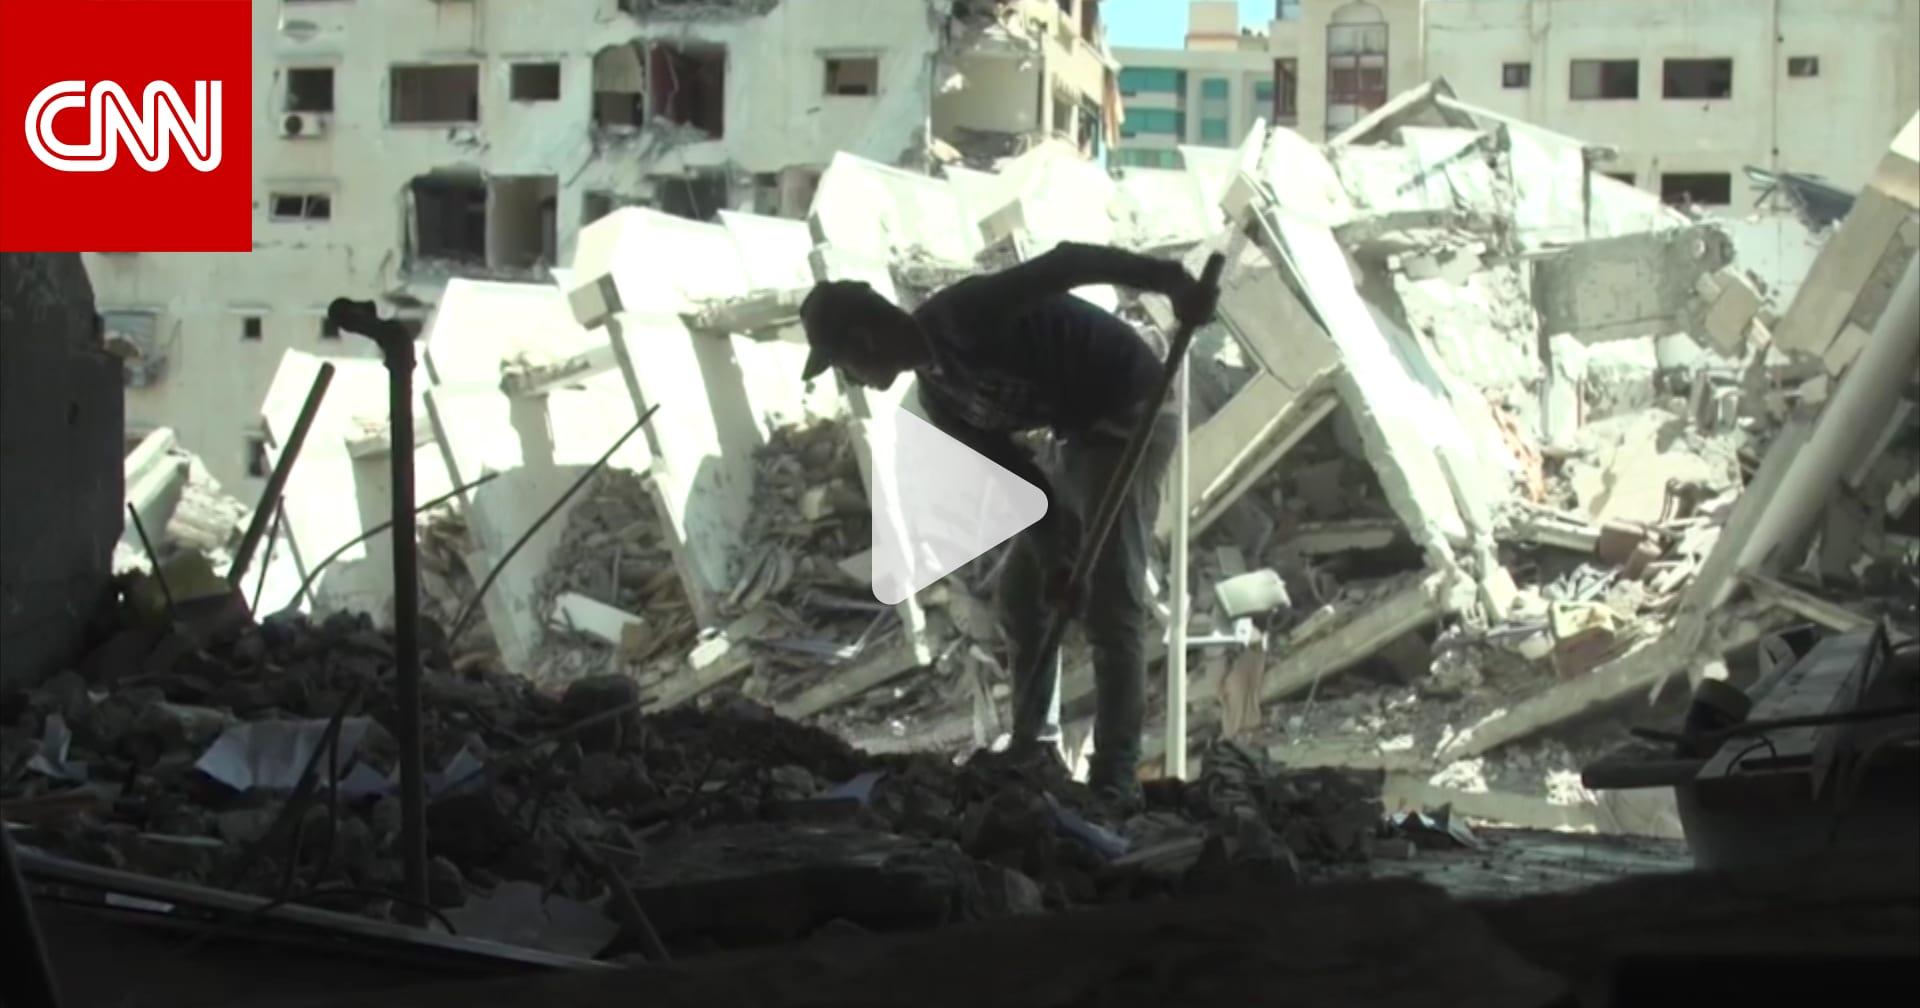 """""""إعادة البناء مرارا وتكرارا"""".. كيف سيعيد الفلسطينيون بناء غزة مرة أخرى؟"""